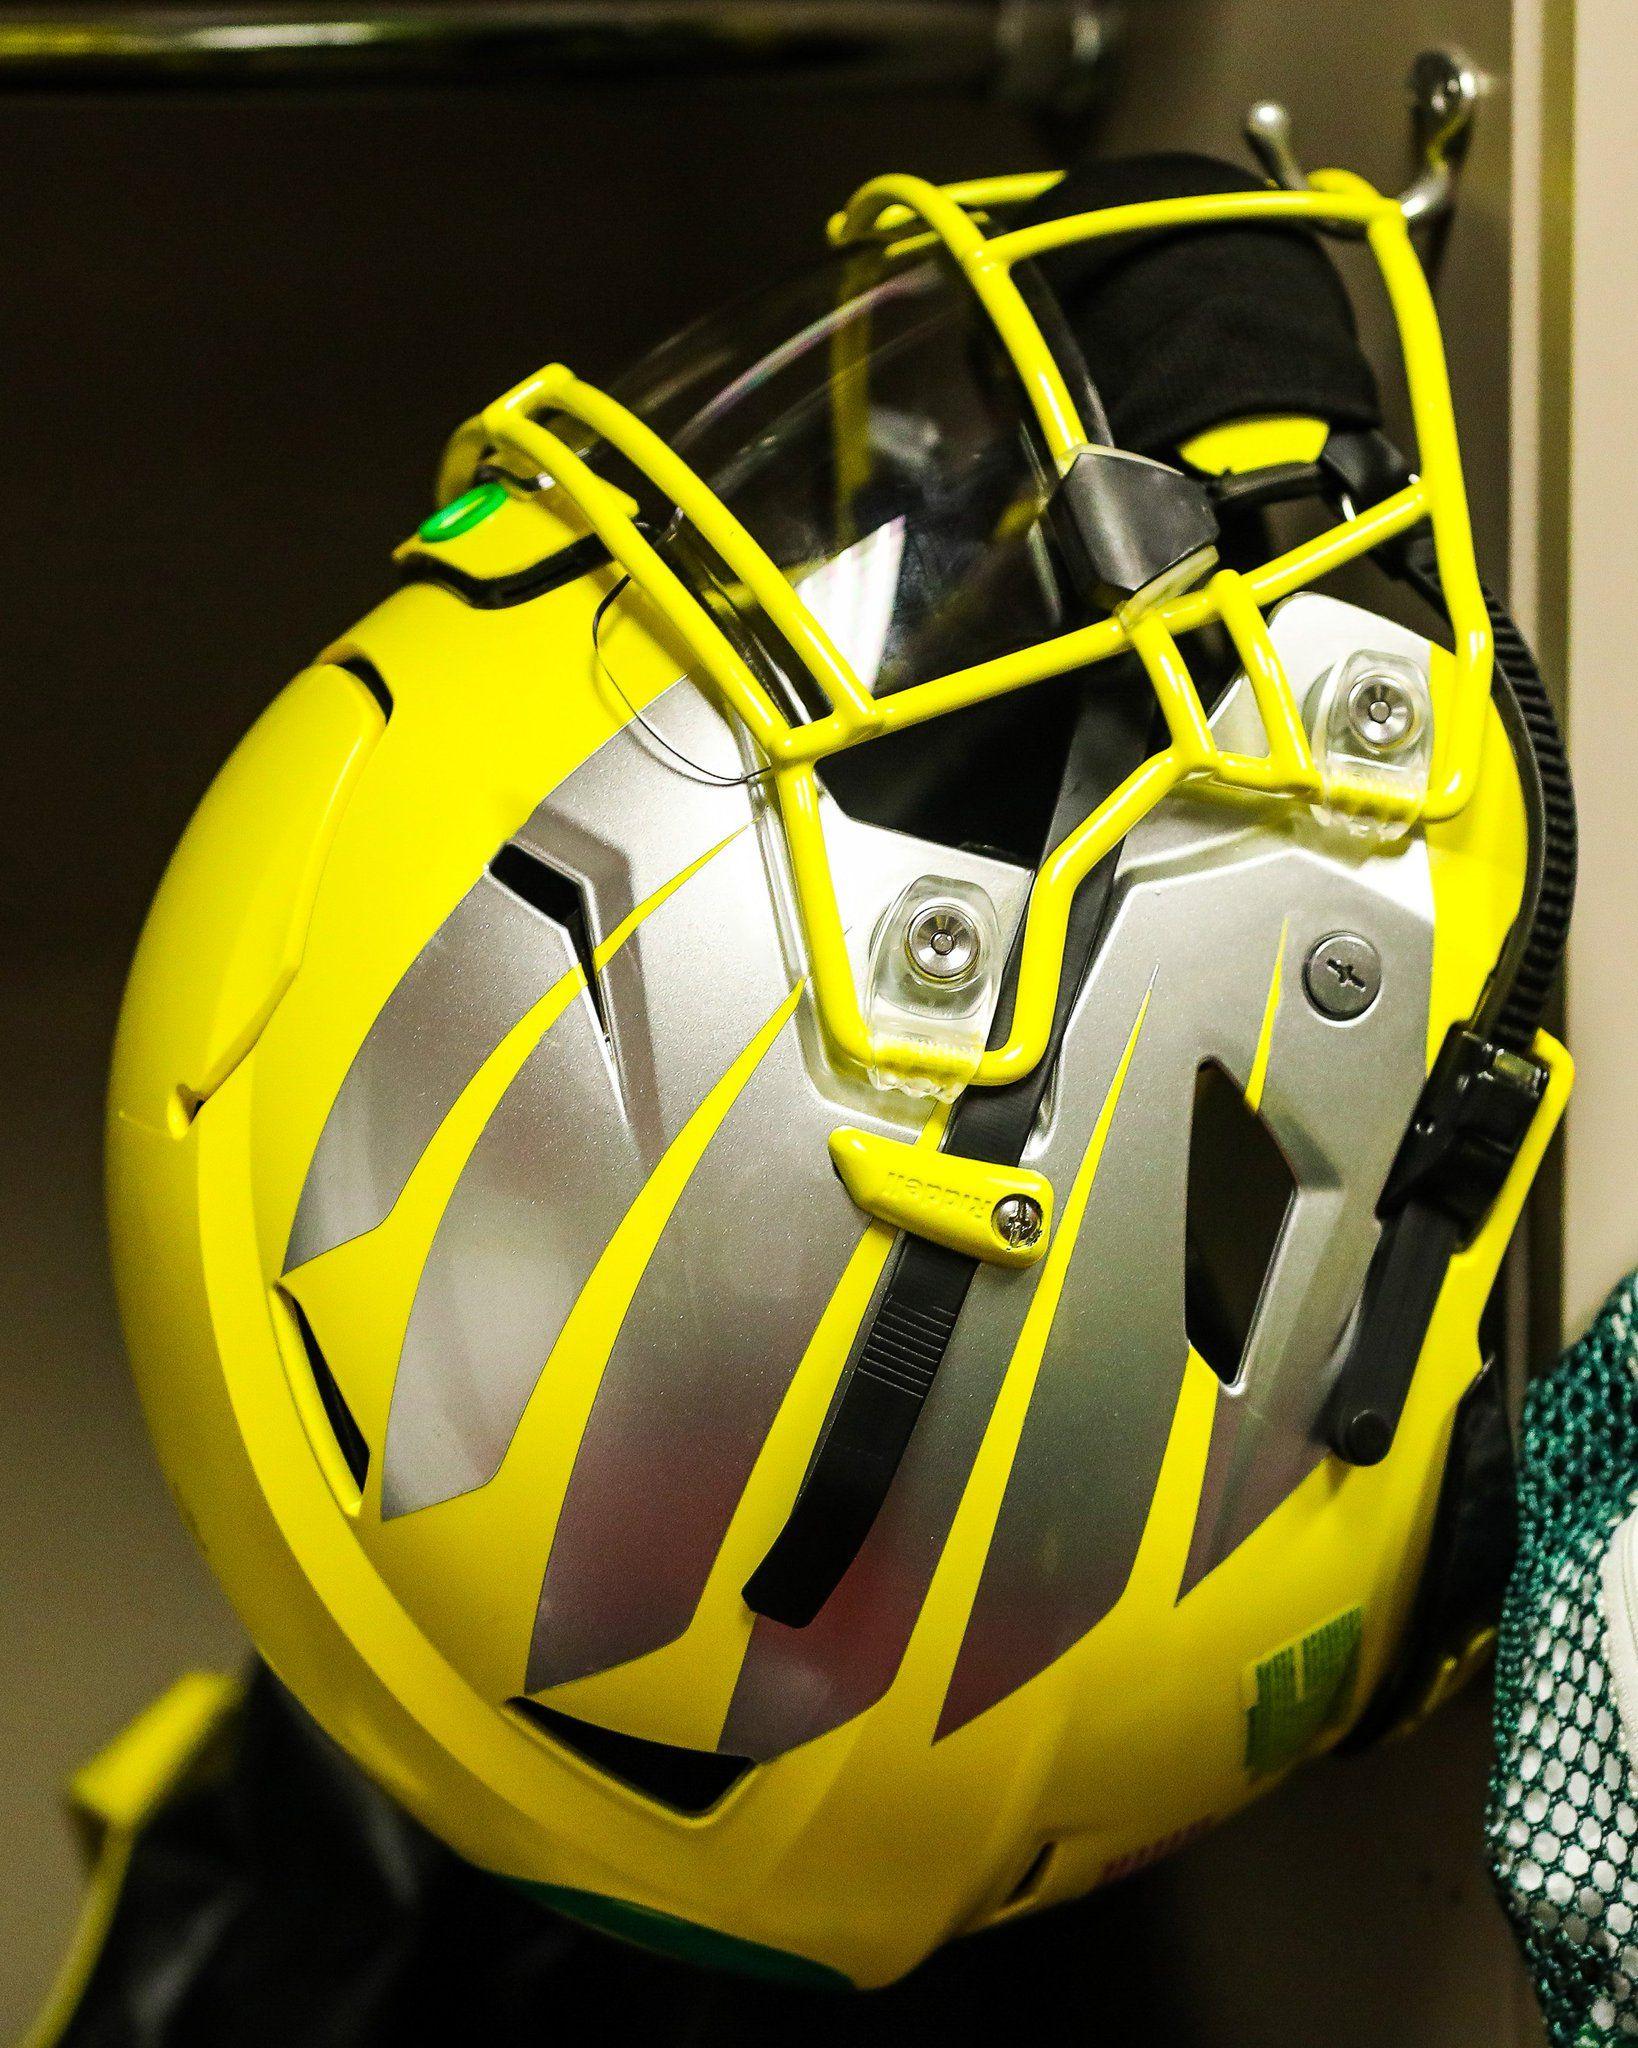 2019 ducks yellow winged helmet en 2020